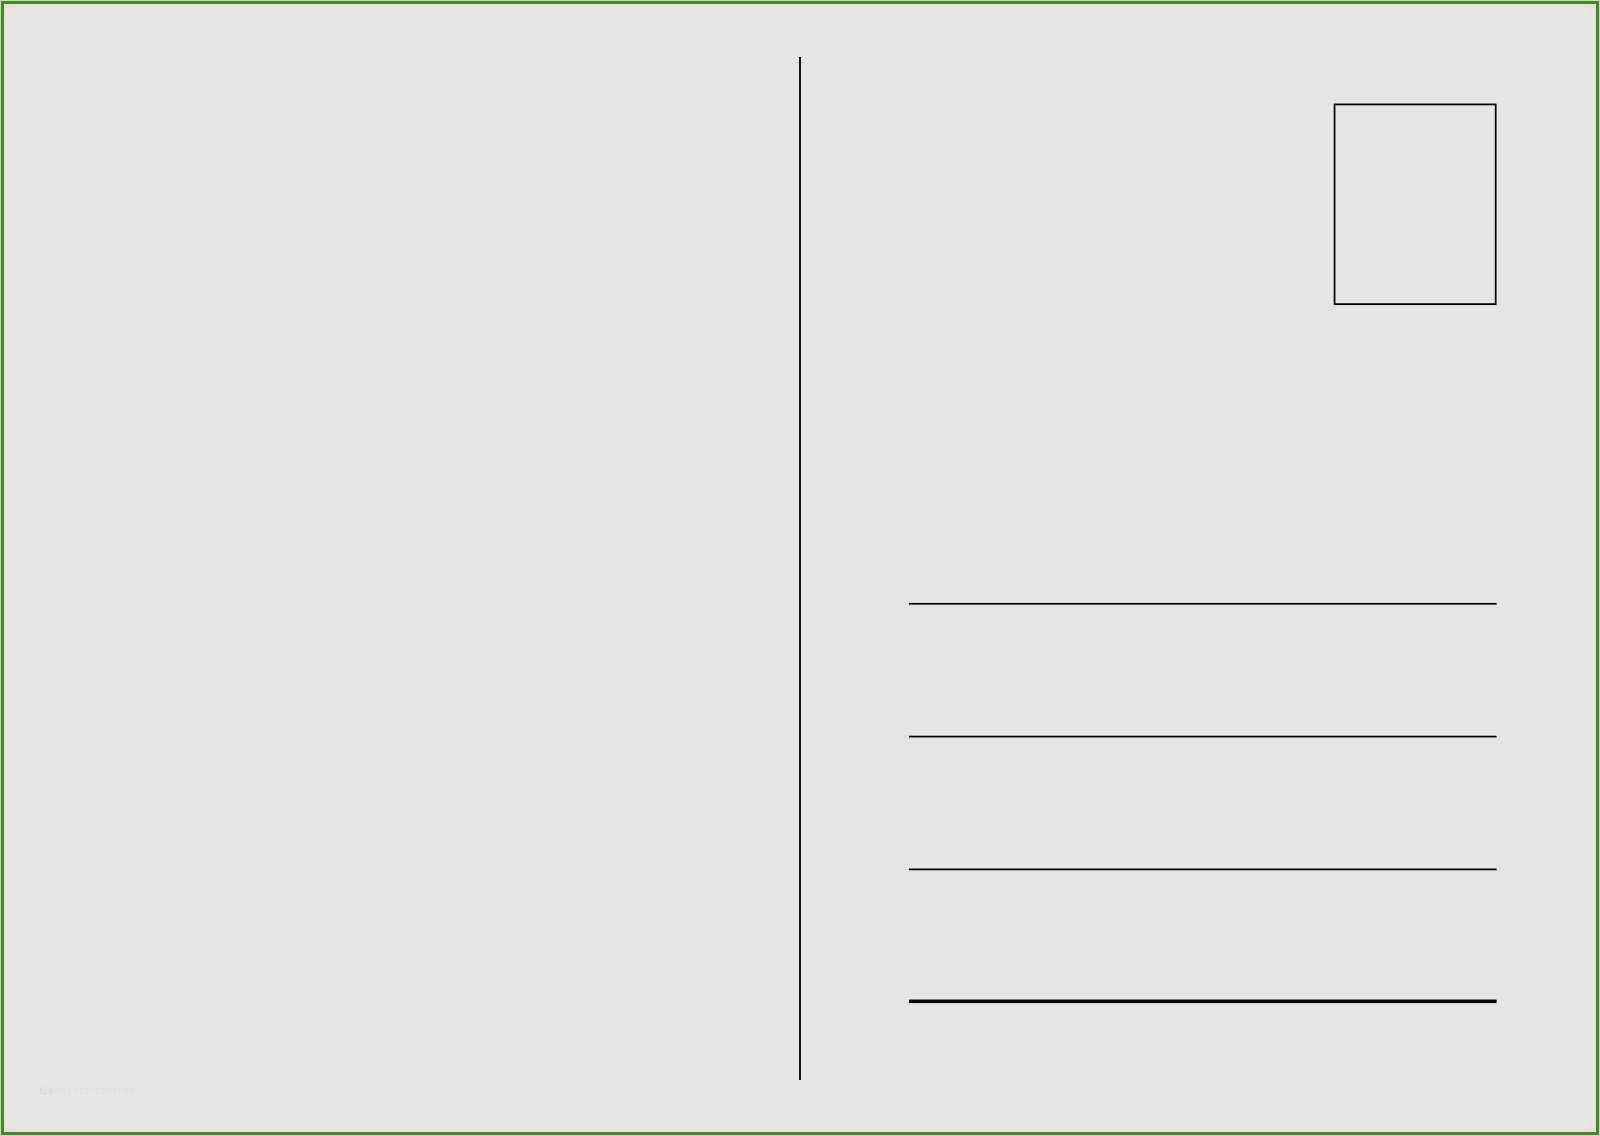 18 Suss Postkarte Ruckseite Vorlage Sie Konnen 4